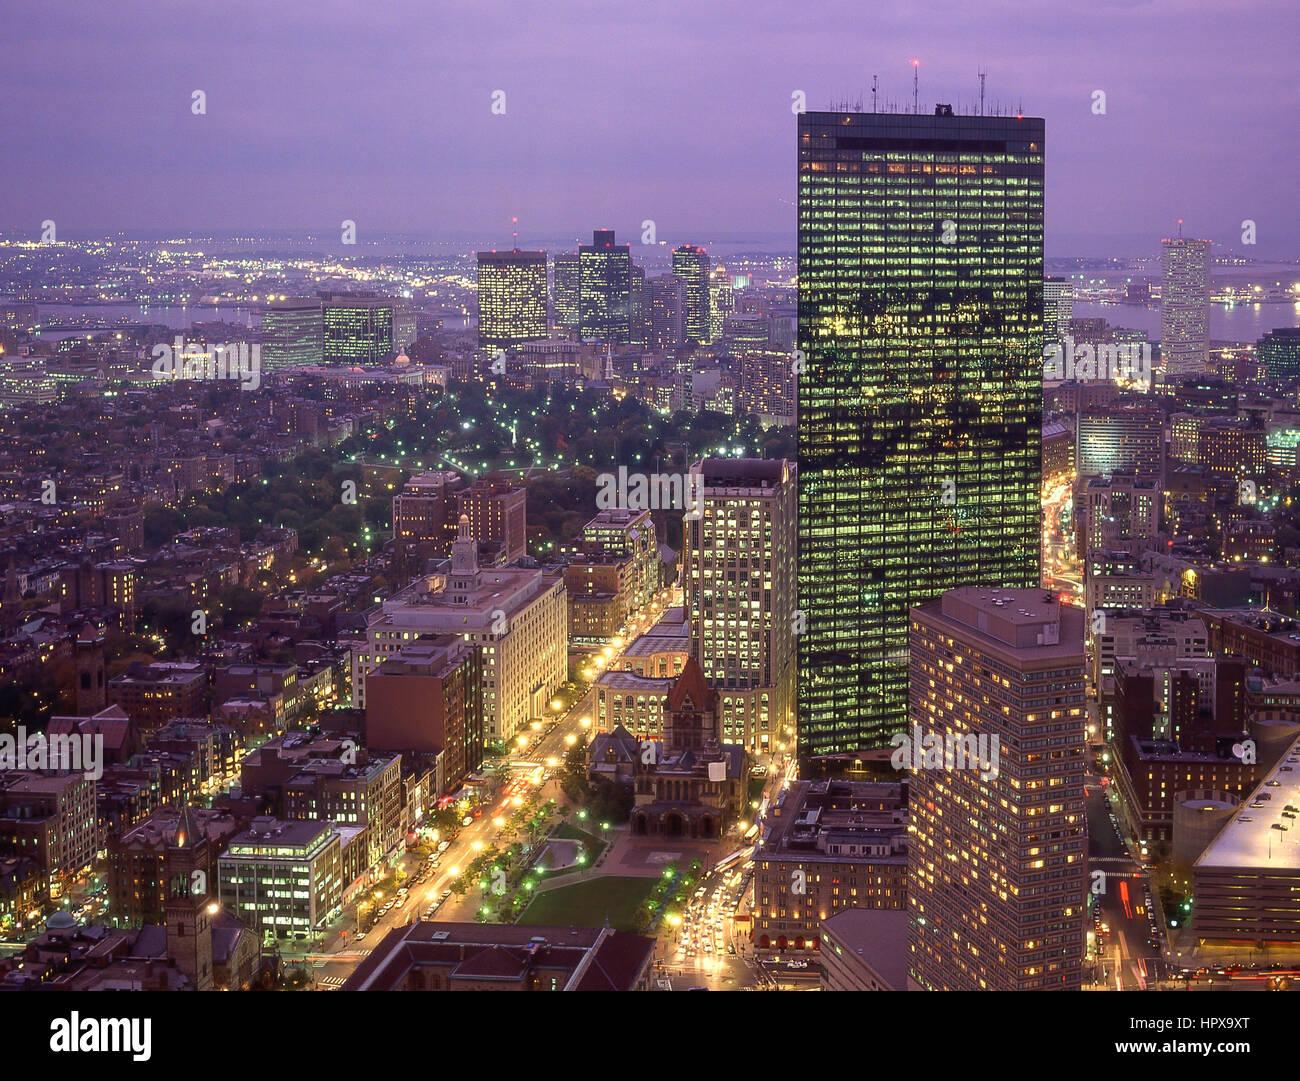 Vista de la ciudad al atardecer, Boston, Massachusetts, Estados Unidos de América Imagen De Stock